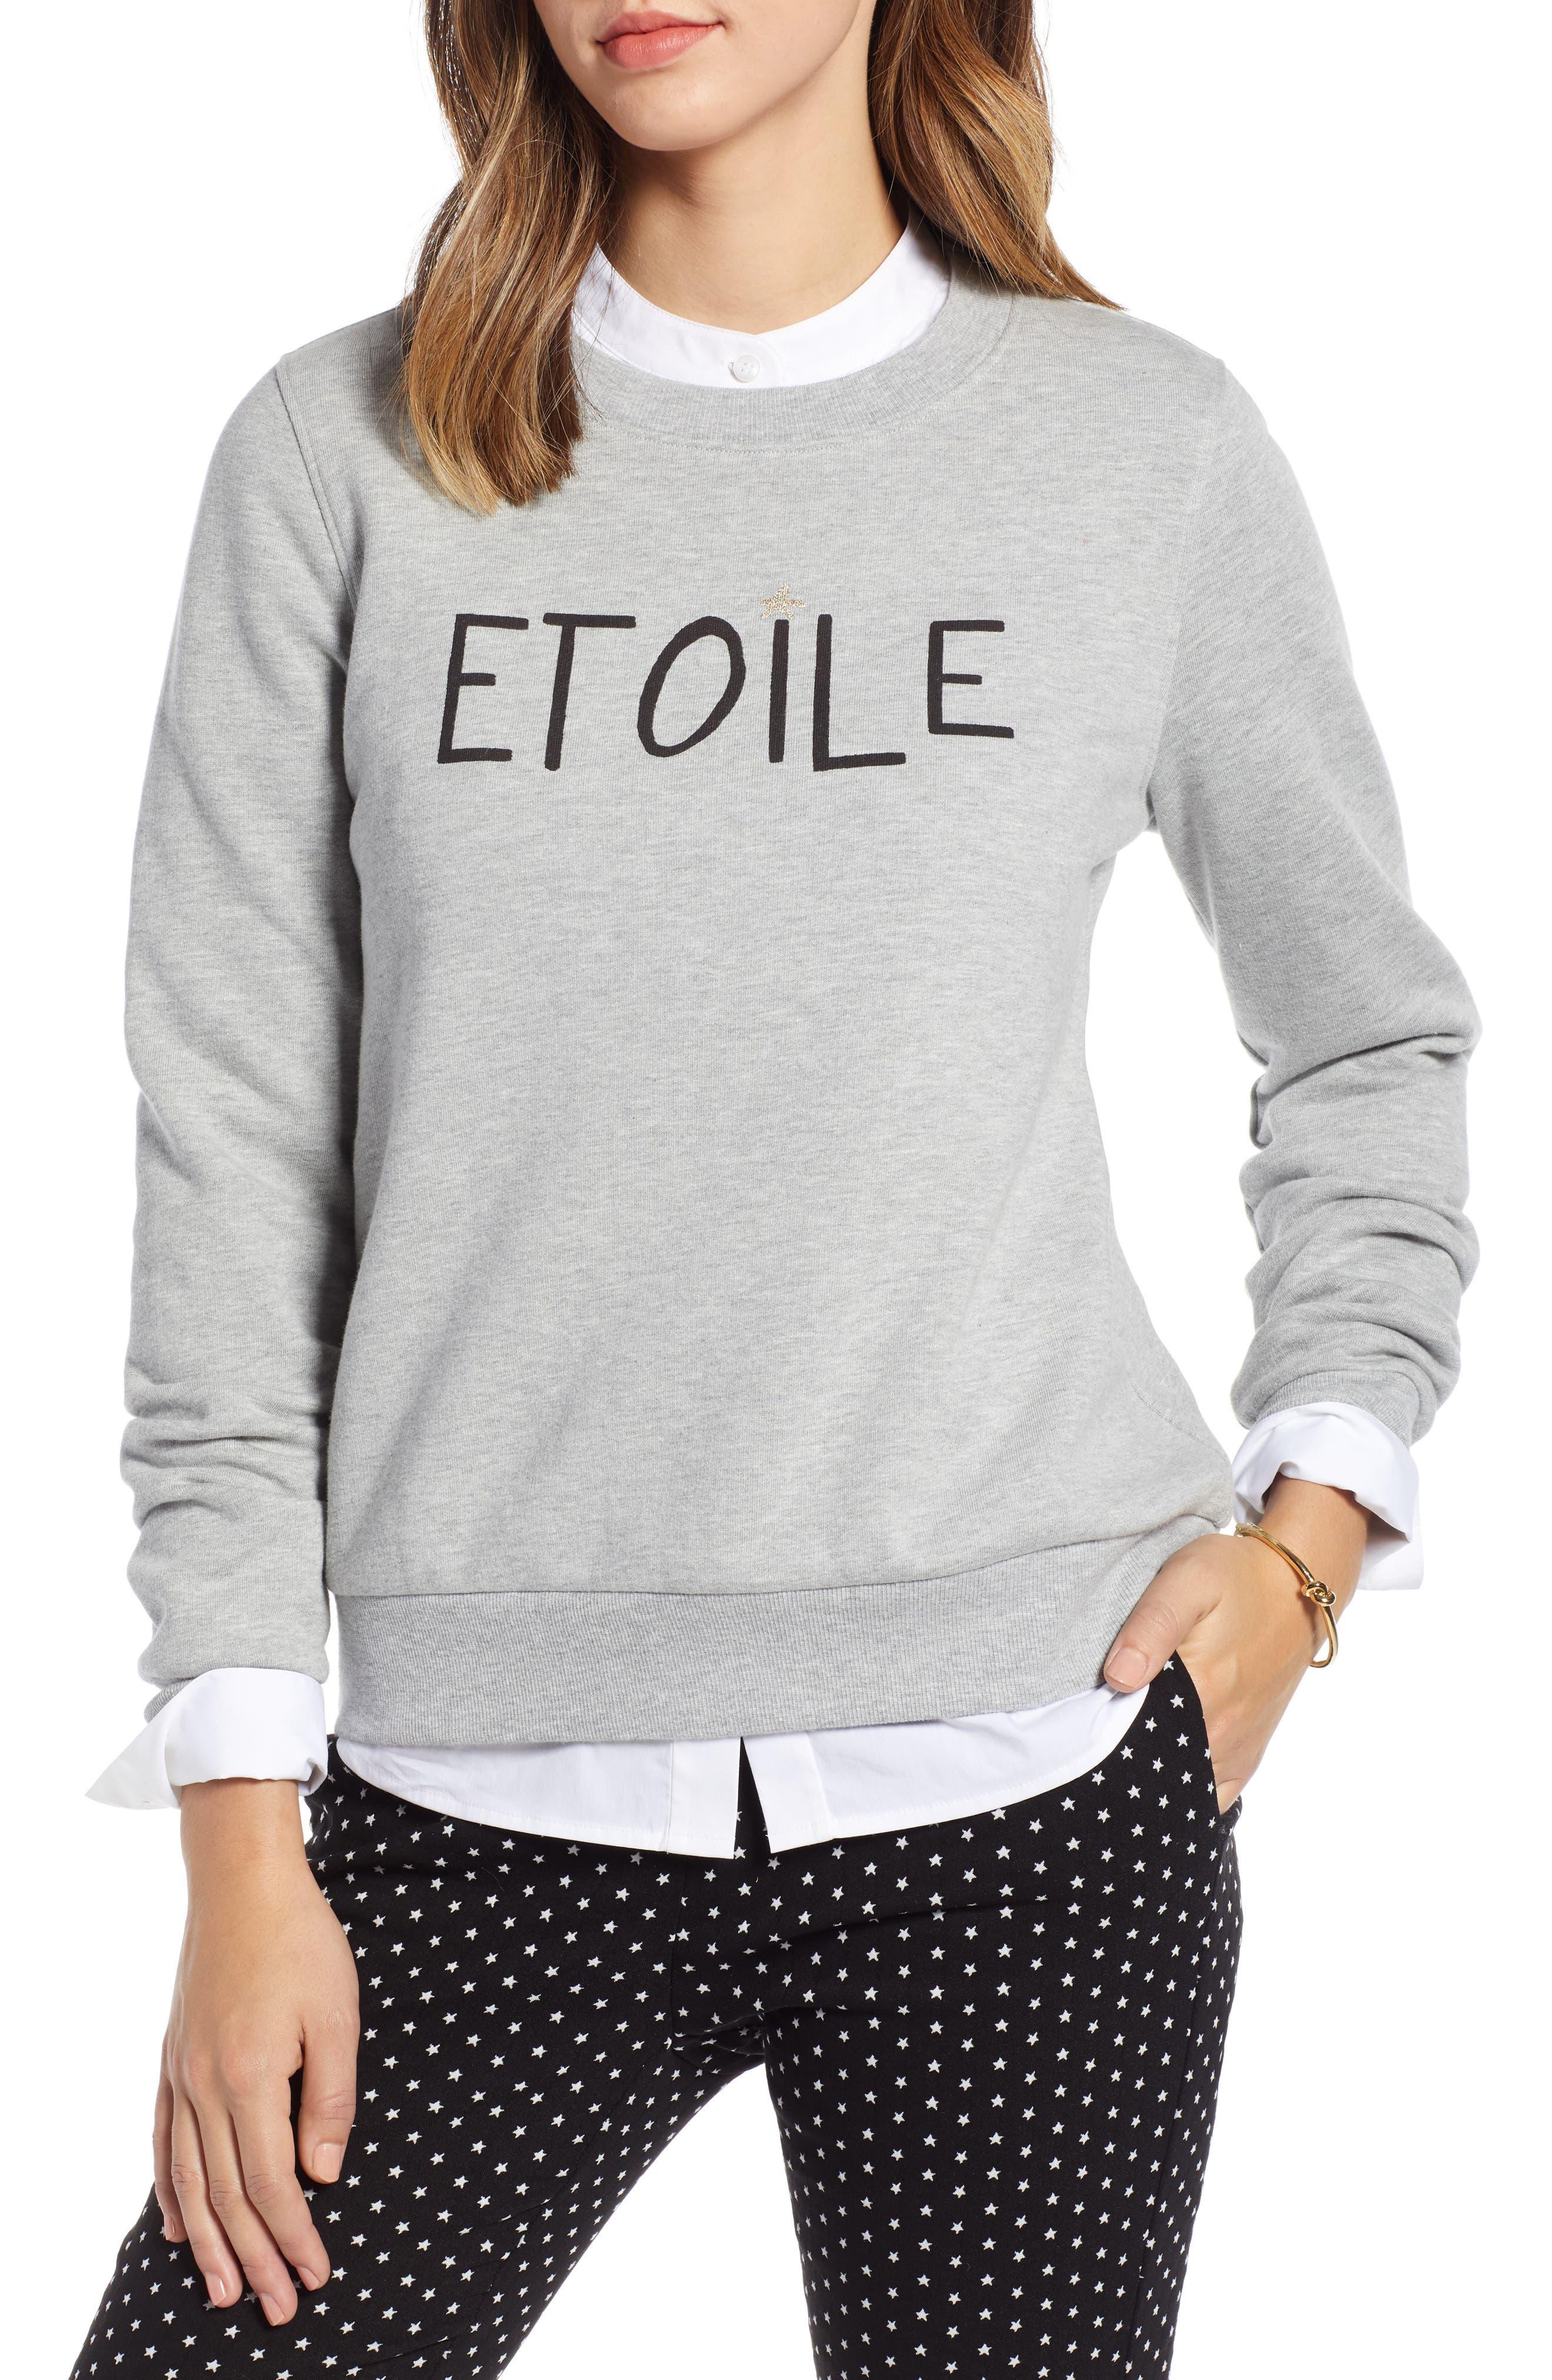 Etoile Sweatshirt,                             Main thumbnail 1, color,                             030